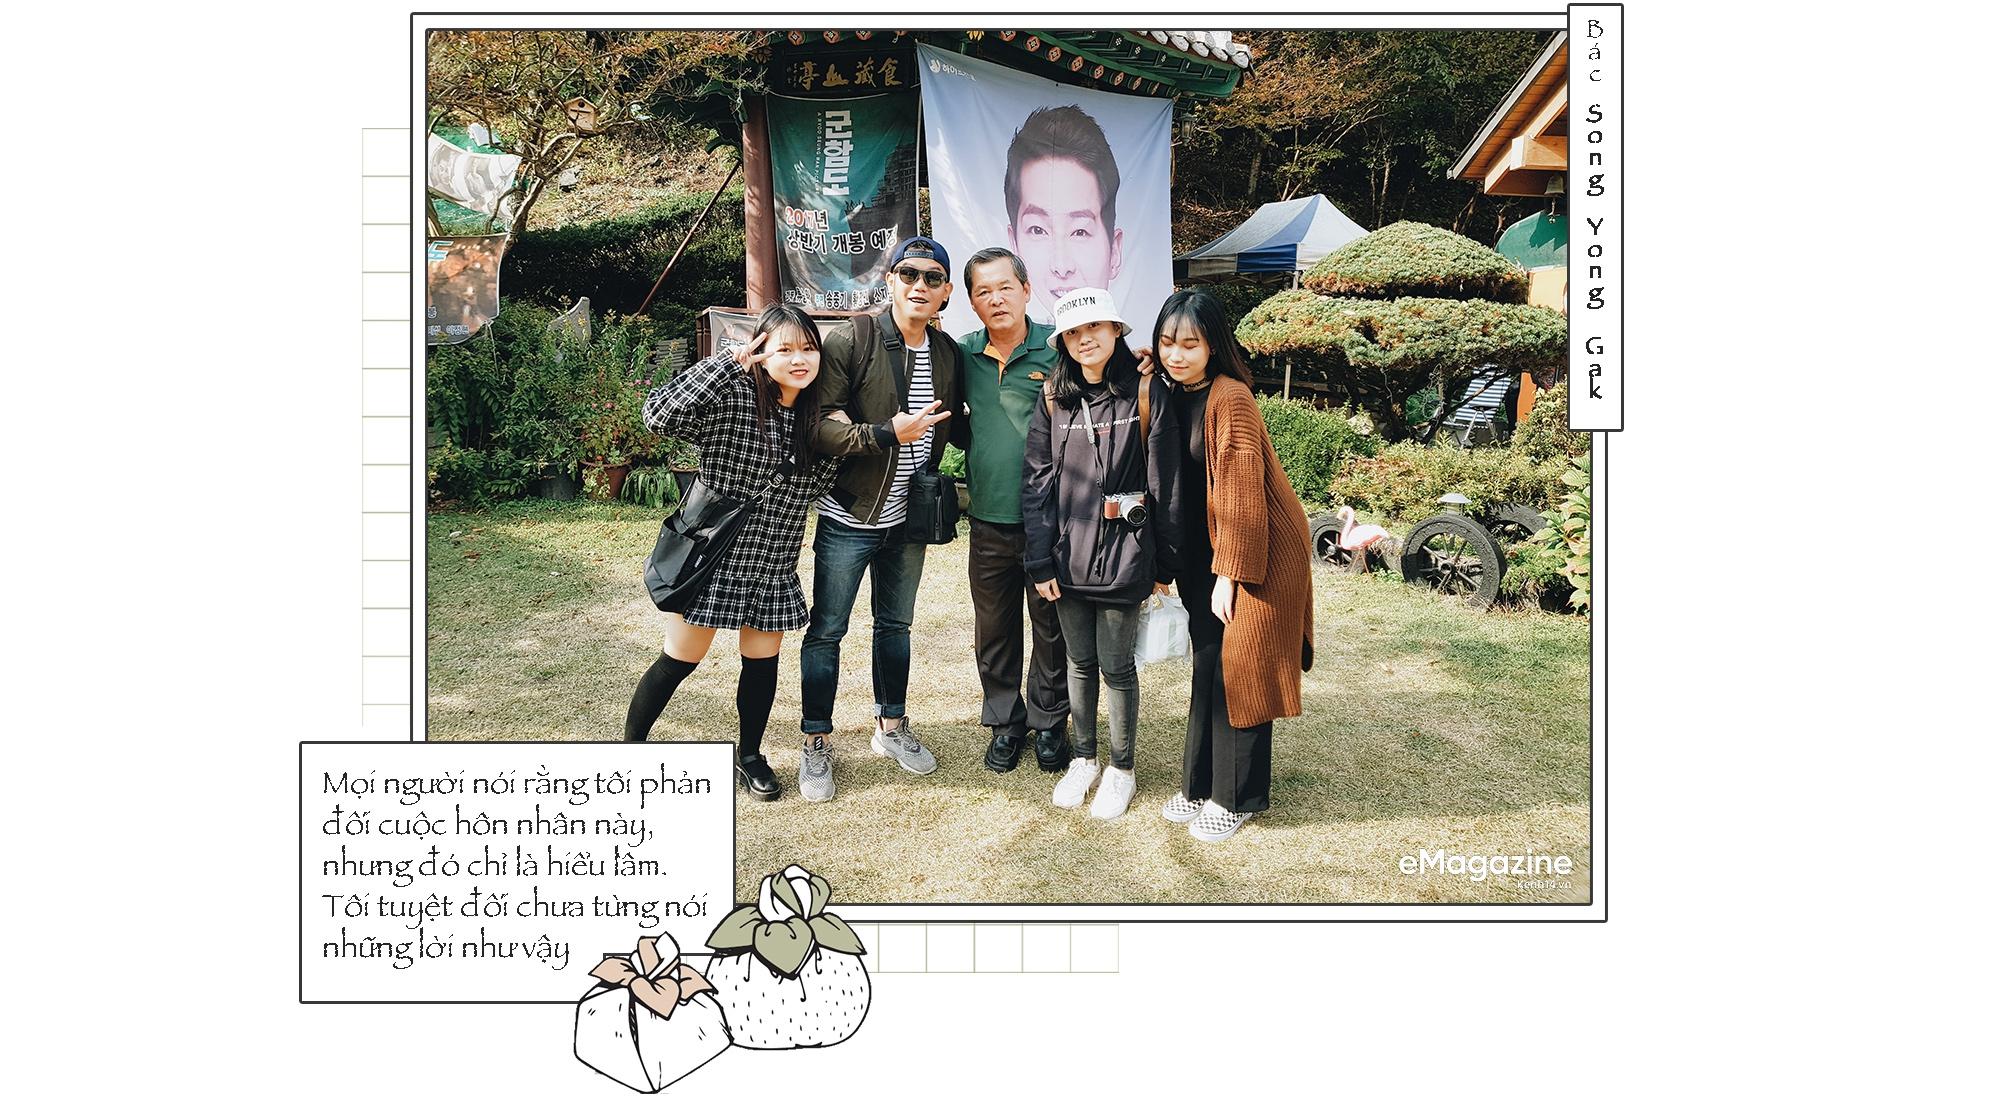 Cuộc gặp gỡ với bố Song Joong Ki tại quê nhà trước siêu đám cưới: Mọi thứ cứ dung dị, bình yên như thế - Ảnh 7.